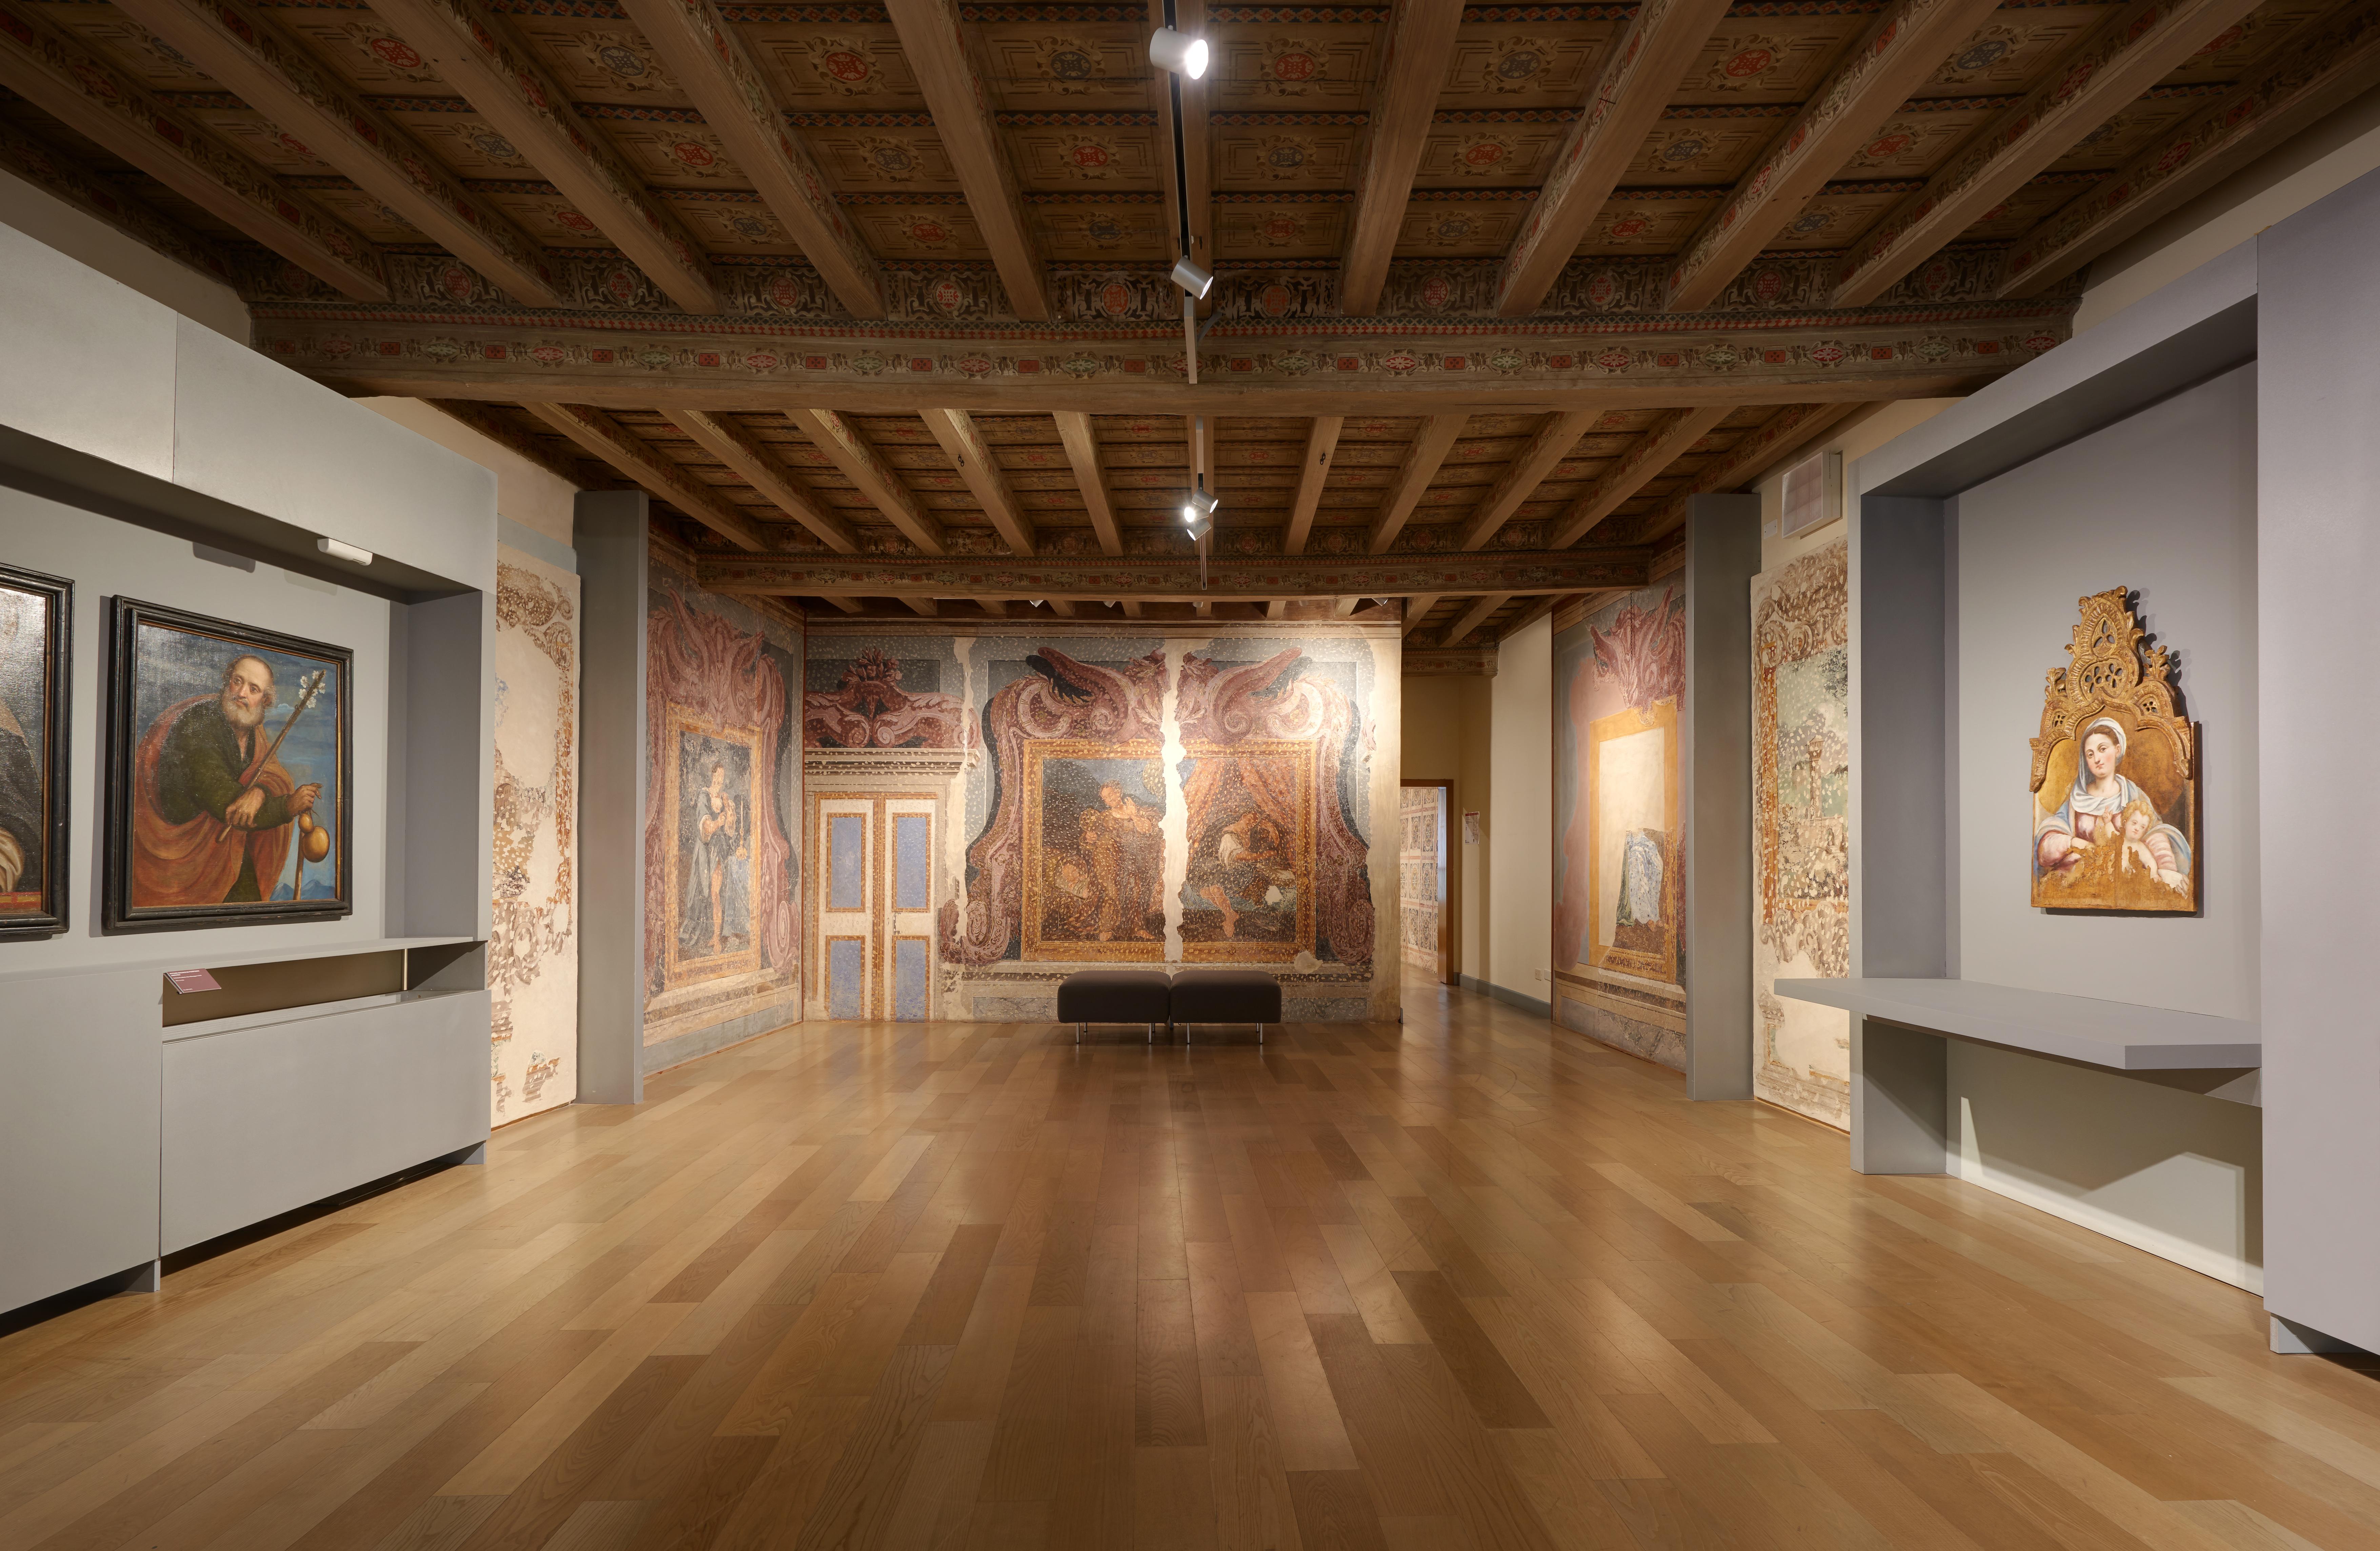 Nuove architetture di luce per esaltare l esperienza dell arte